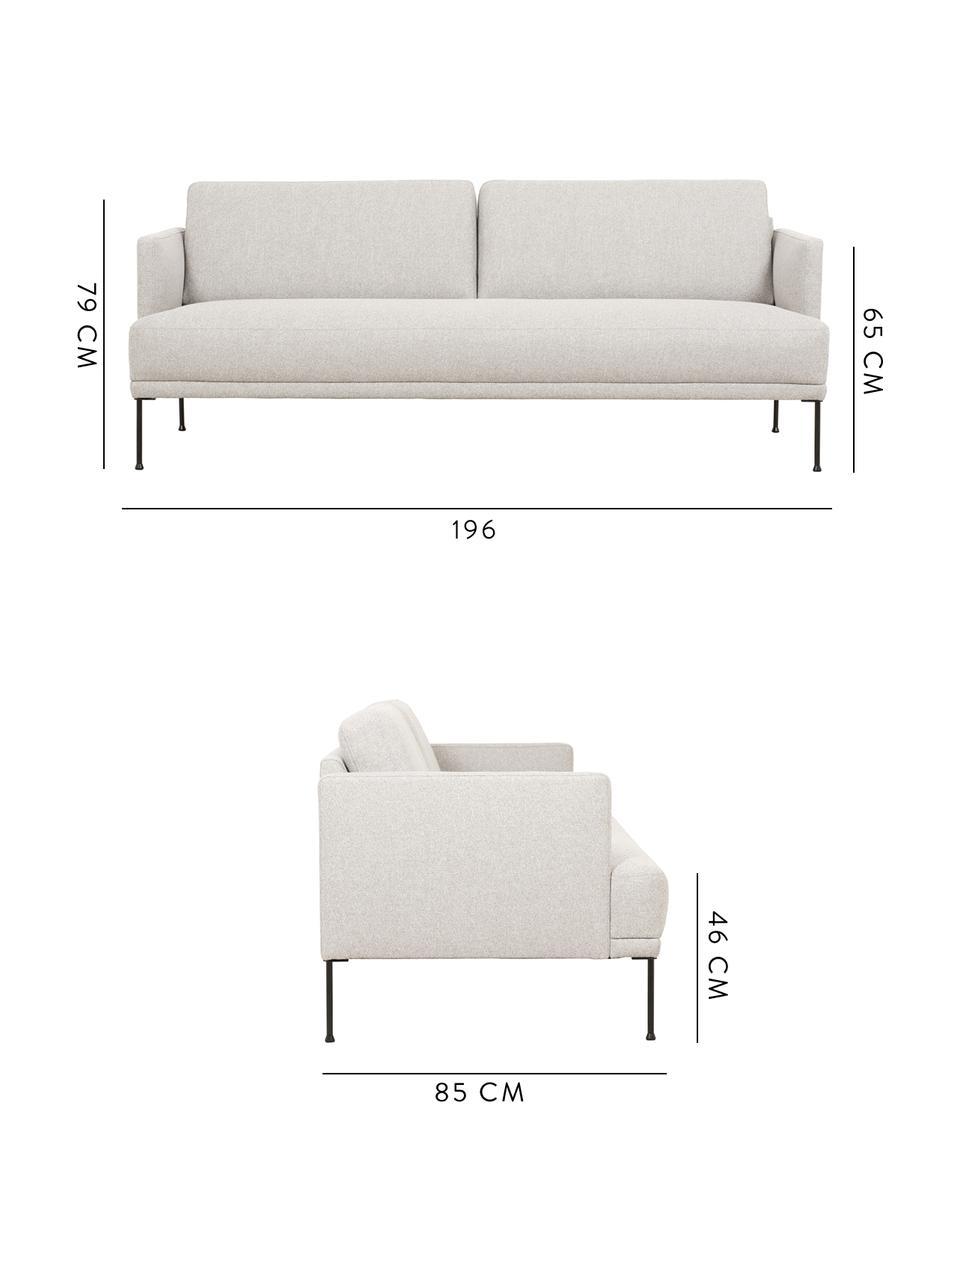 Sofa Fluente (3-Sitzer), Bezug: 80% Polyester, 20% Ramie , Gestell: Massives Kiefernholz, Füße: Metall, pulverbeschichtet, Webstoff Beige, B 196 x T 85 cm